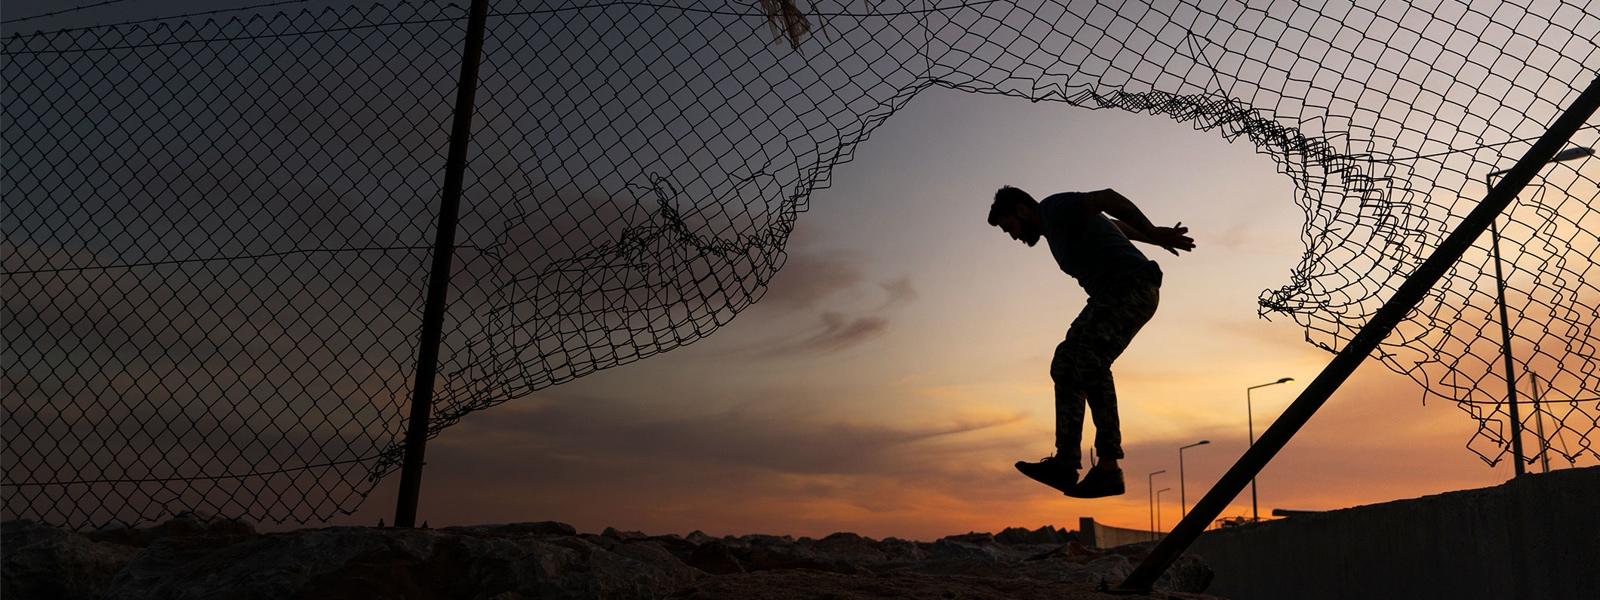 Un hombre que salta junto a una reja a la luz del anochecer